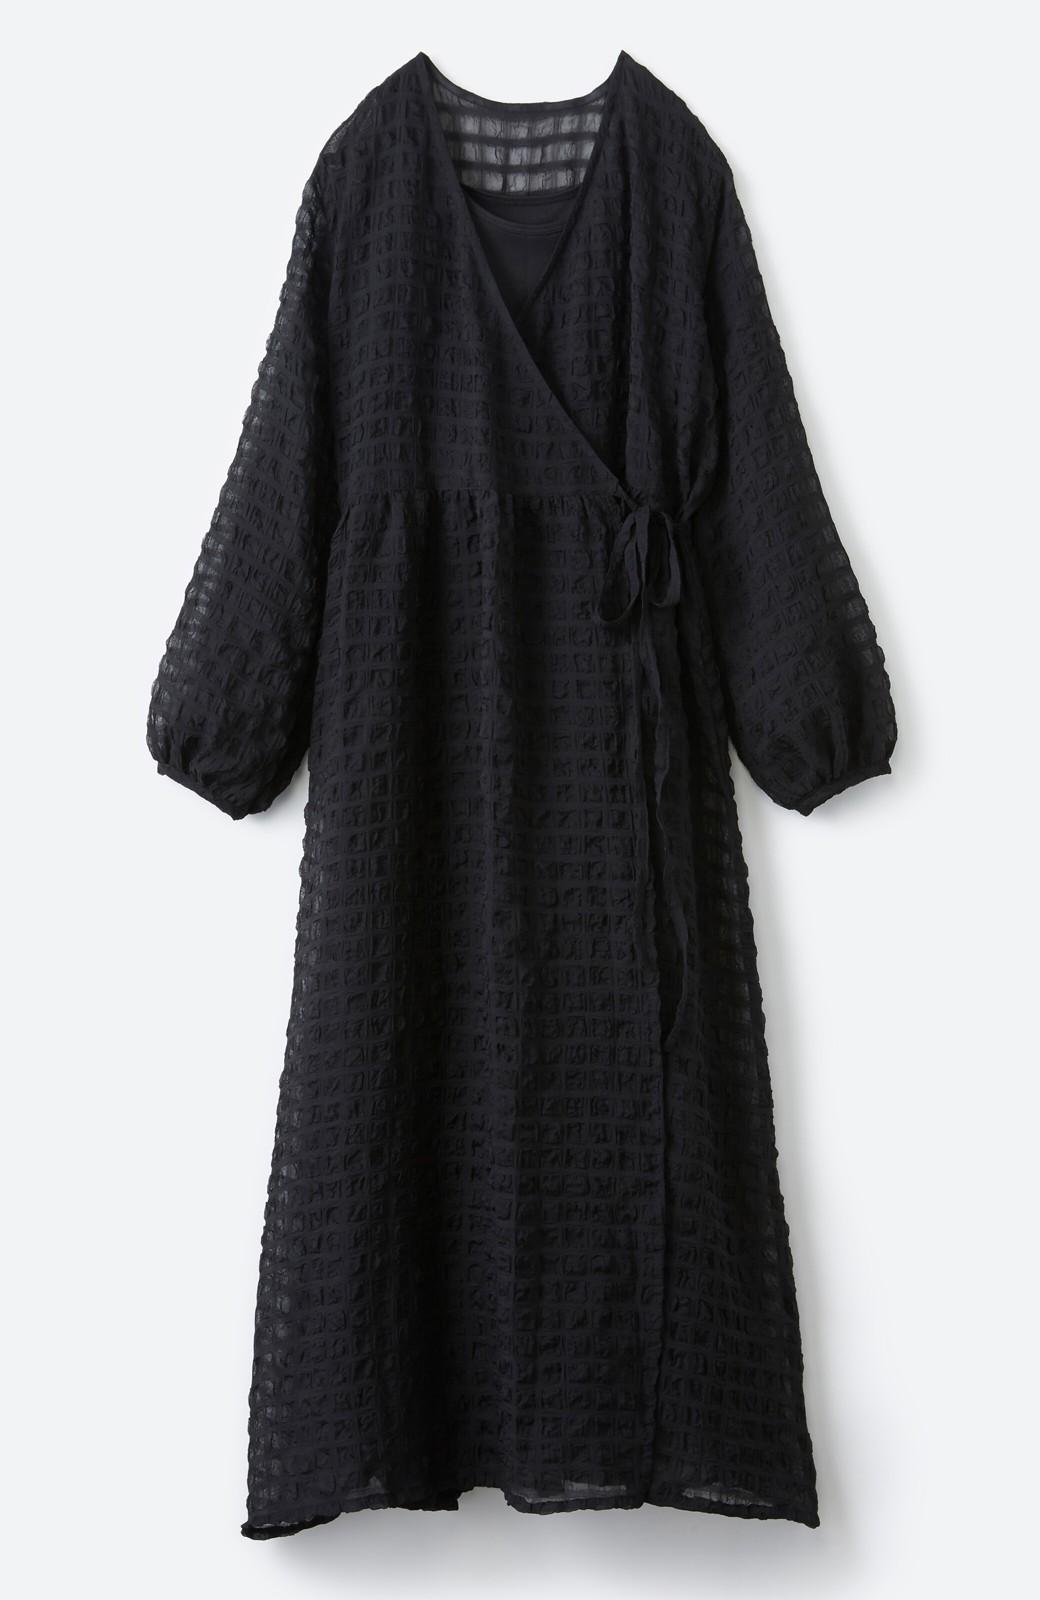 haco! 羽織としても便利!シアー素材で女っぽかわいいカシュクールワンピース&インナーセット <ブラック>の商品写真2